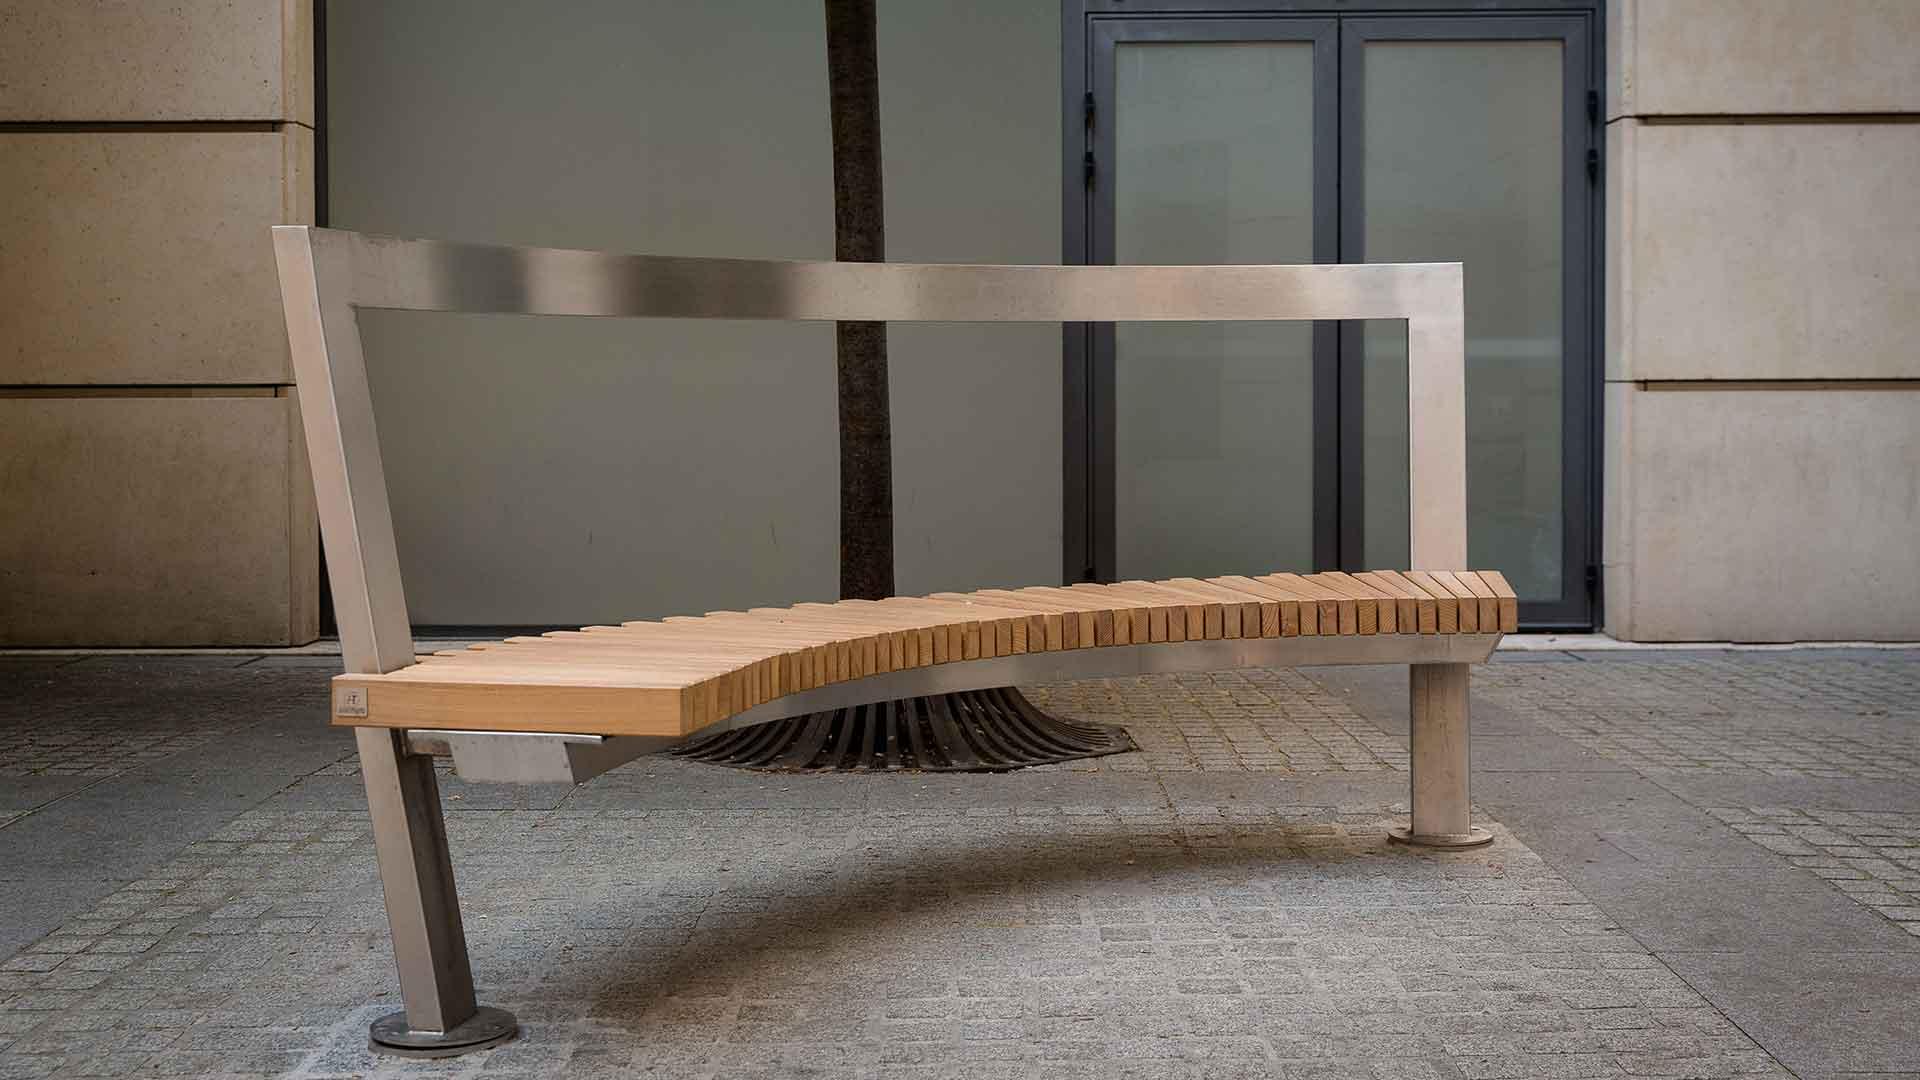 projet-Edouard VII-Alexis Tricoire